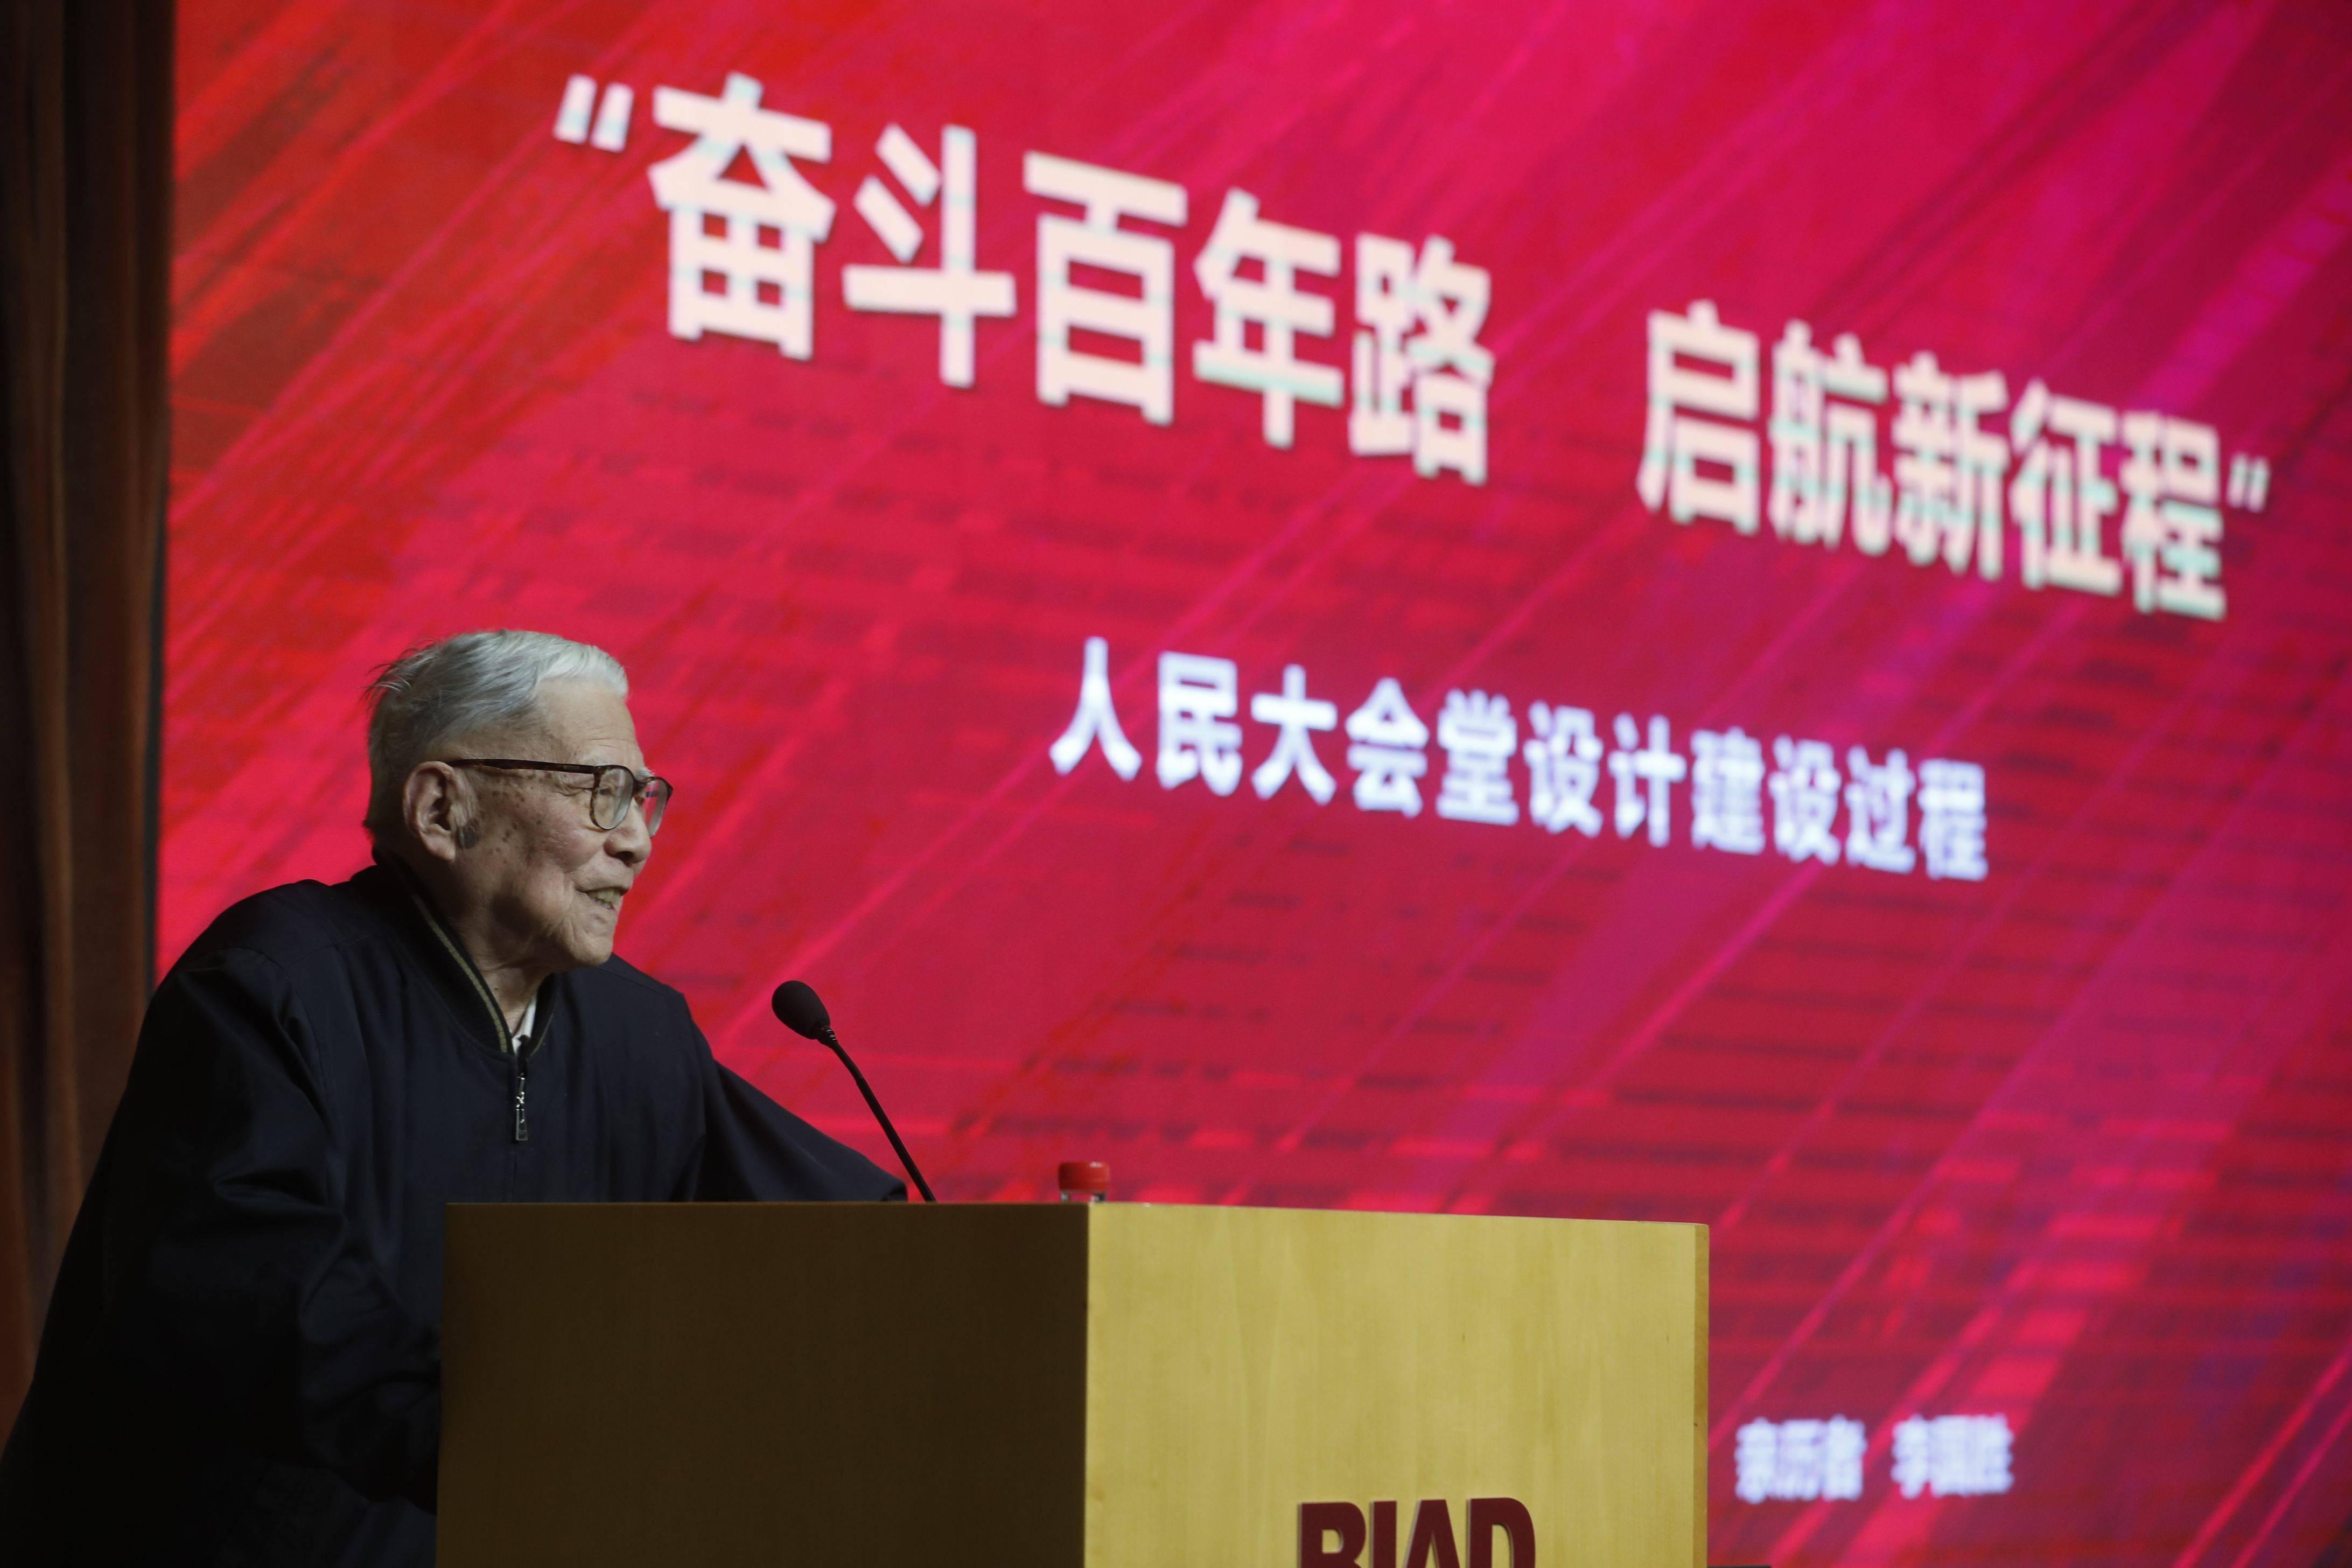 人民大会堂是怎么建成的?听听北京十大建筑背后的故事